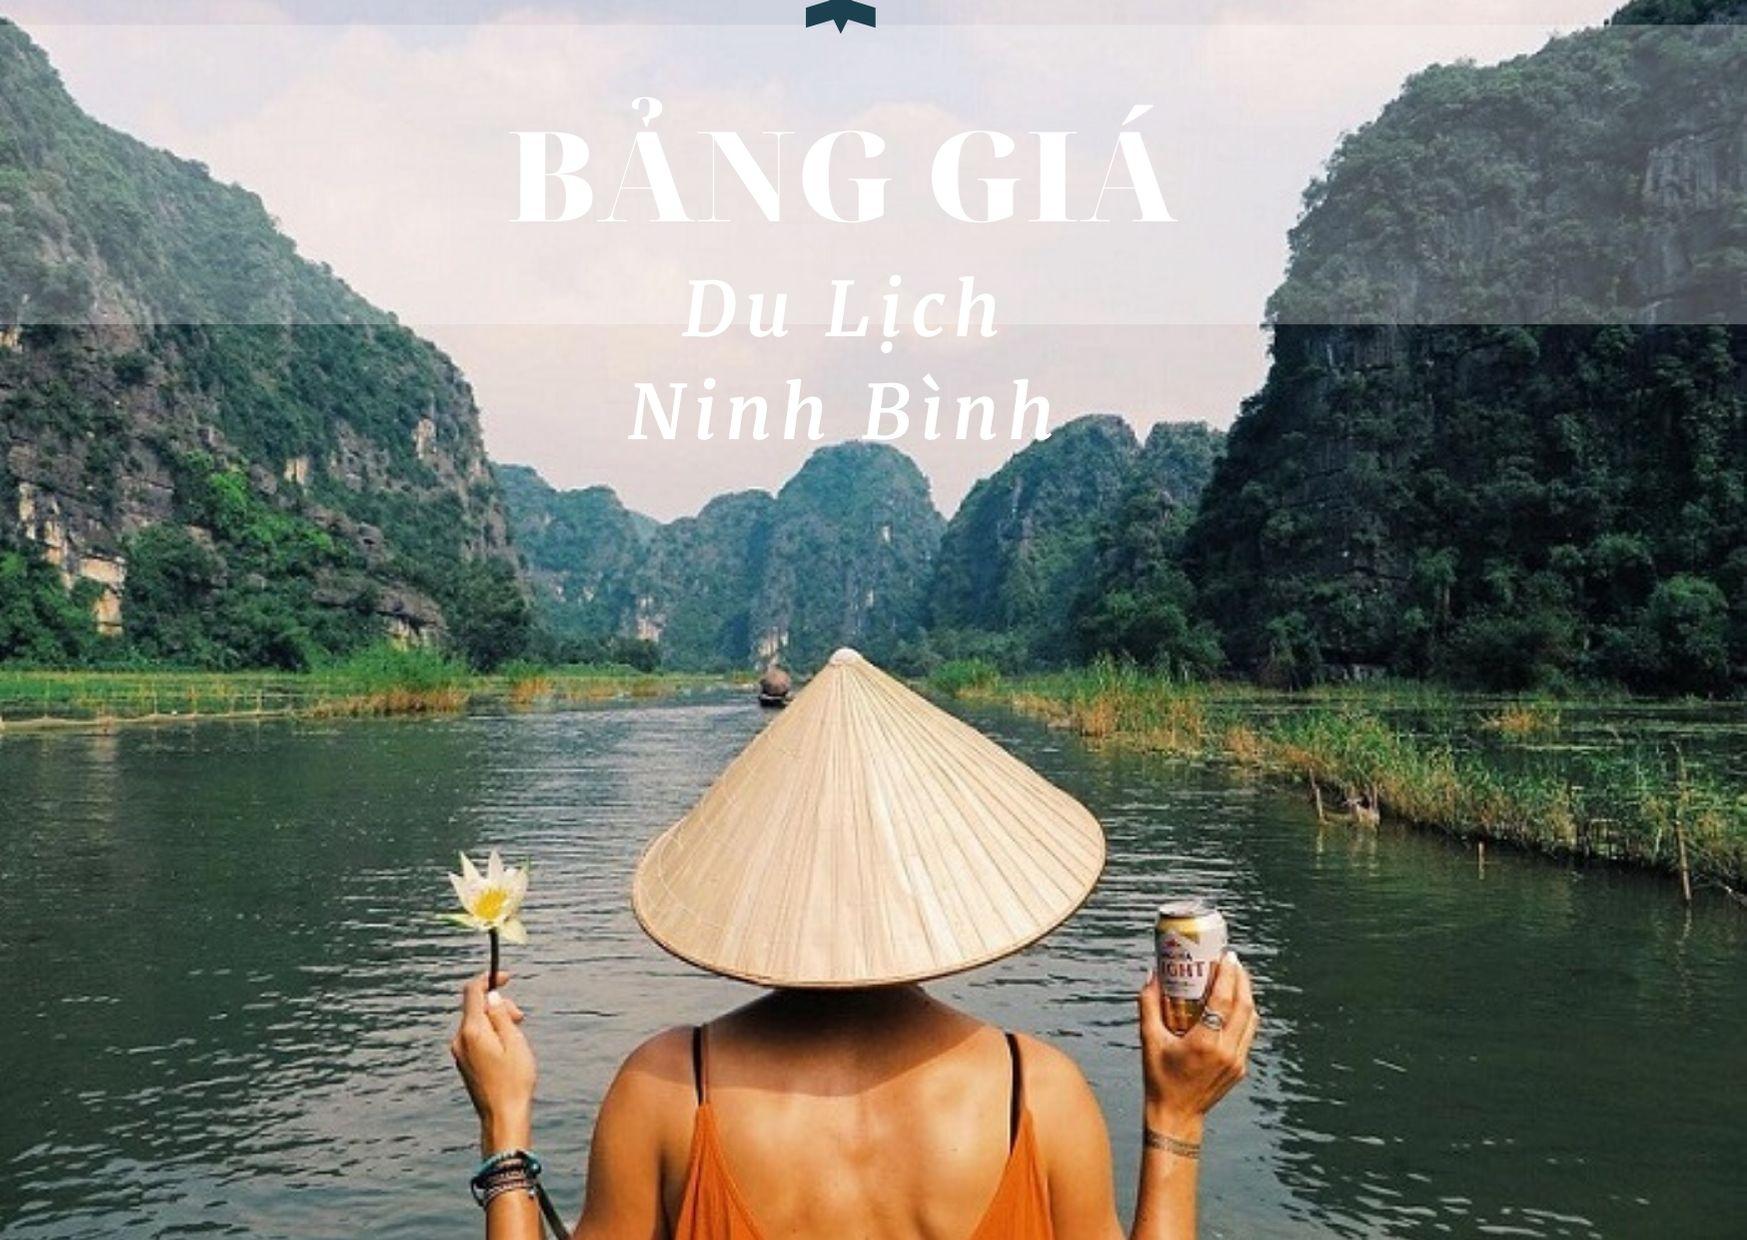 Giá vé tham quan du lịch Ninh Bình ( Cập nhật tháng 5/2020)